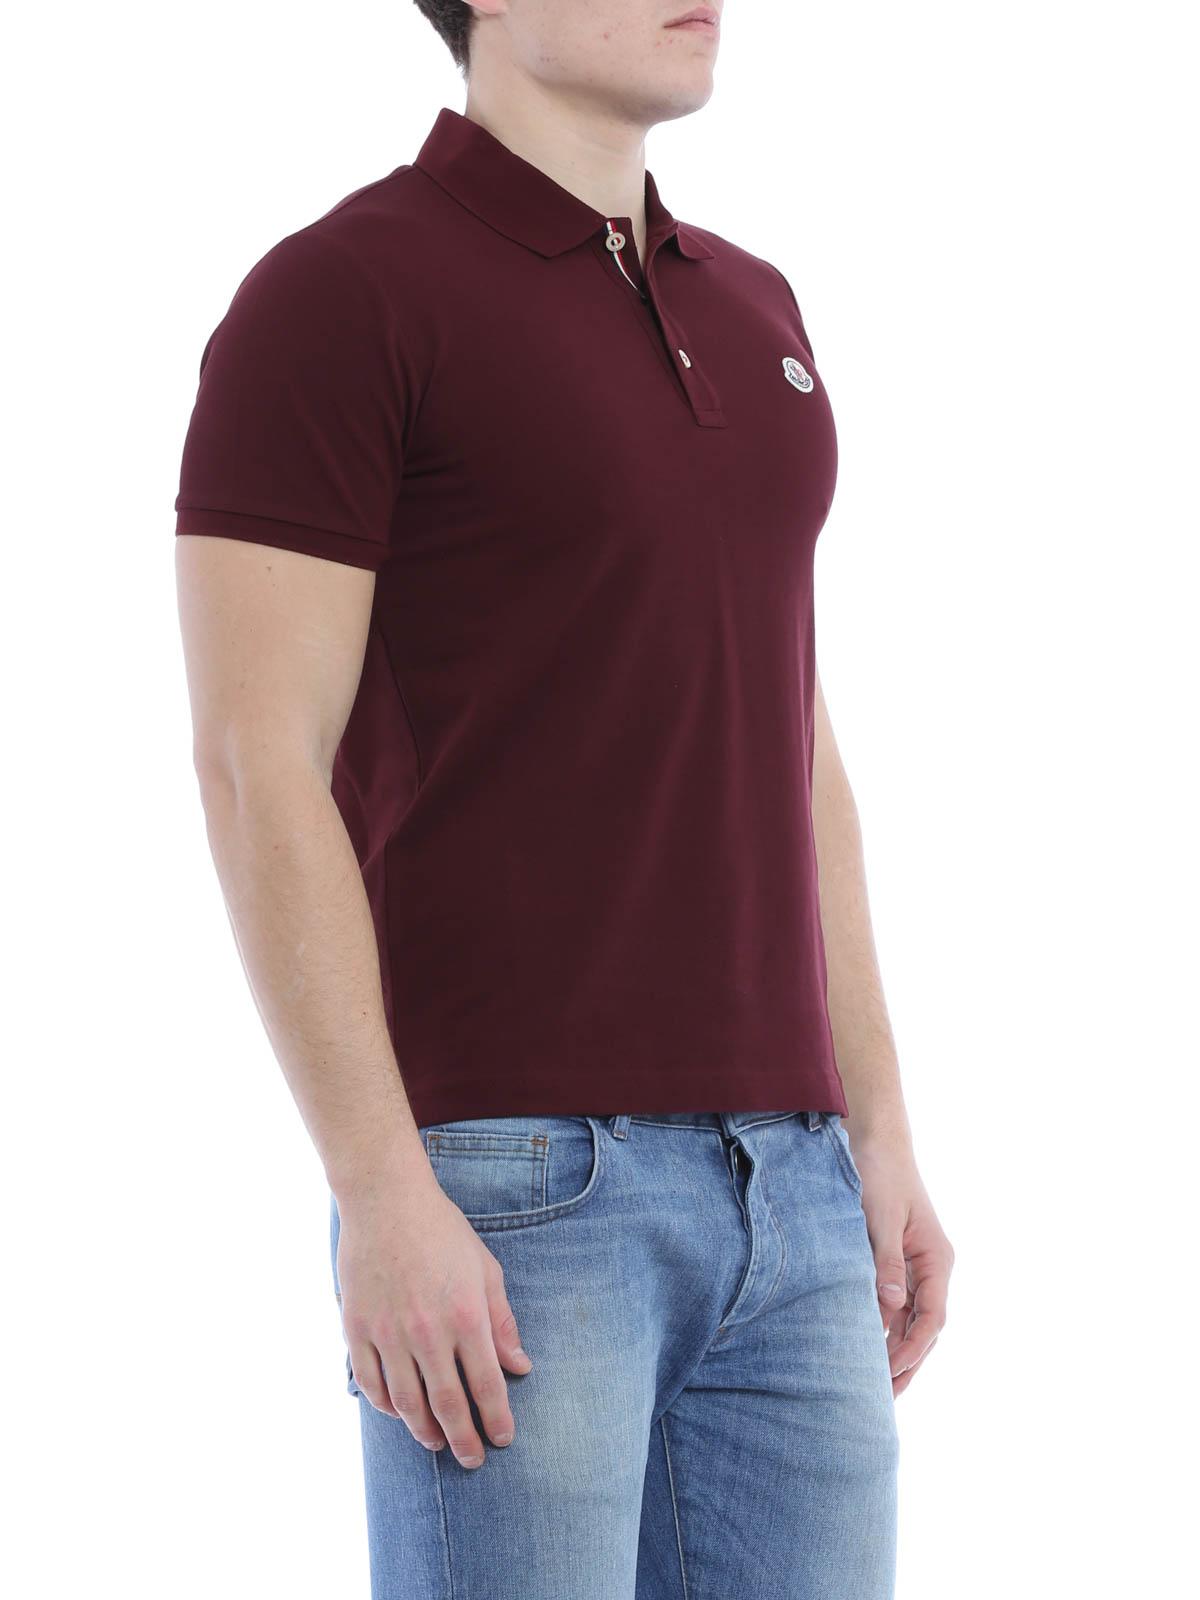 Pique cotton polo shirt by moncler polo shirts shop for Cotton on polo shirt